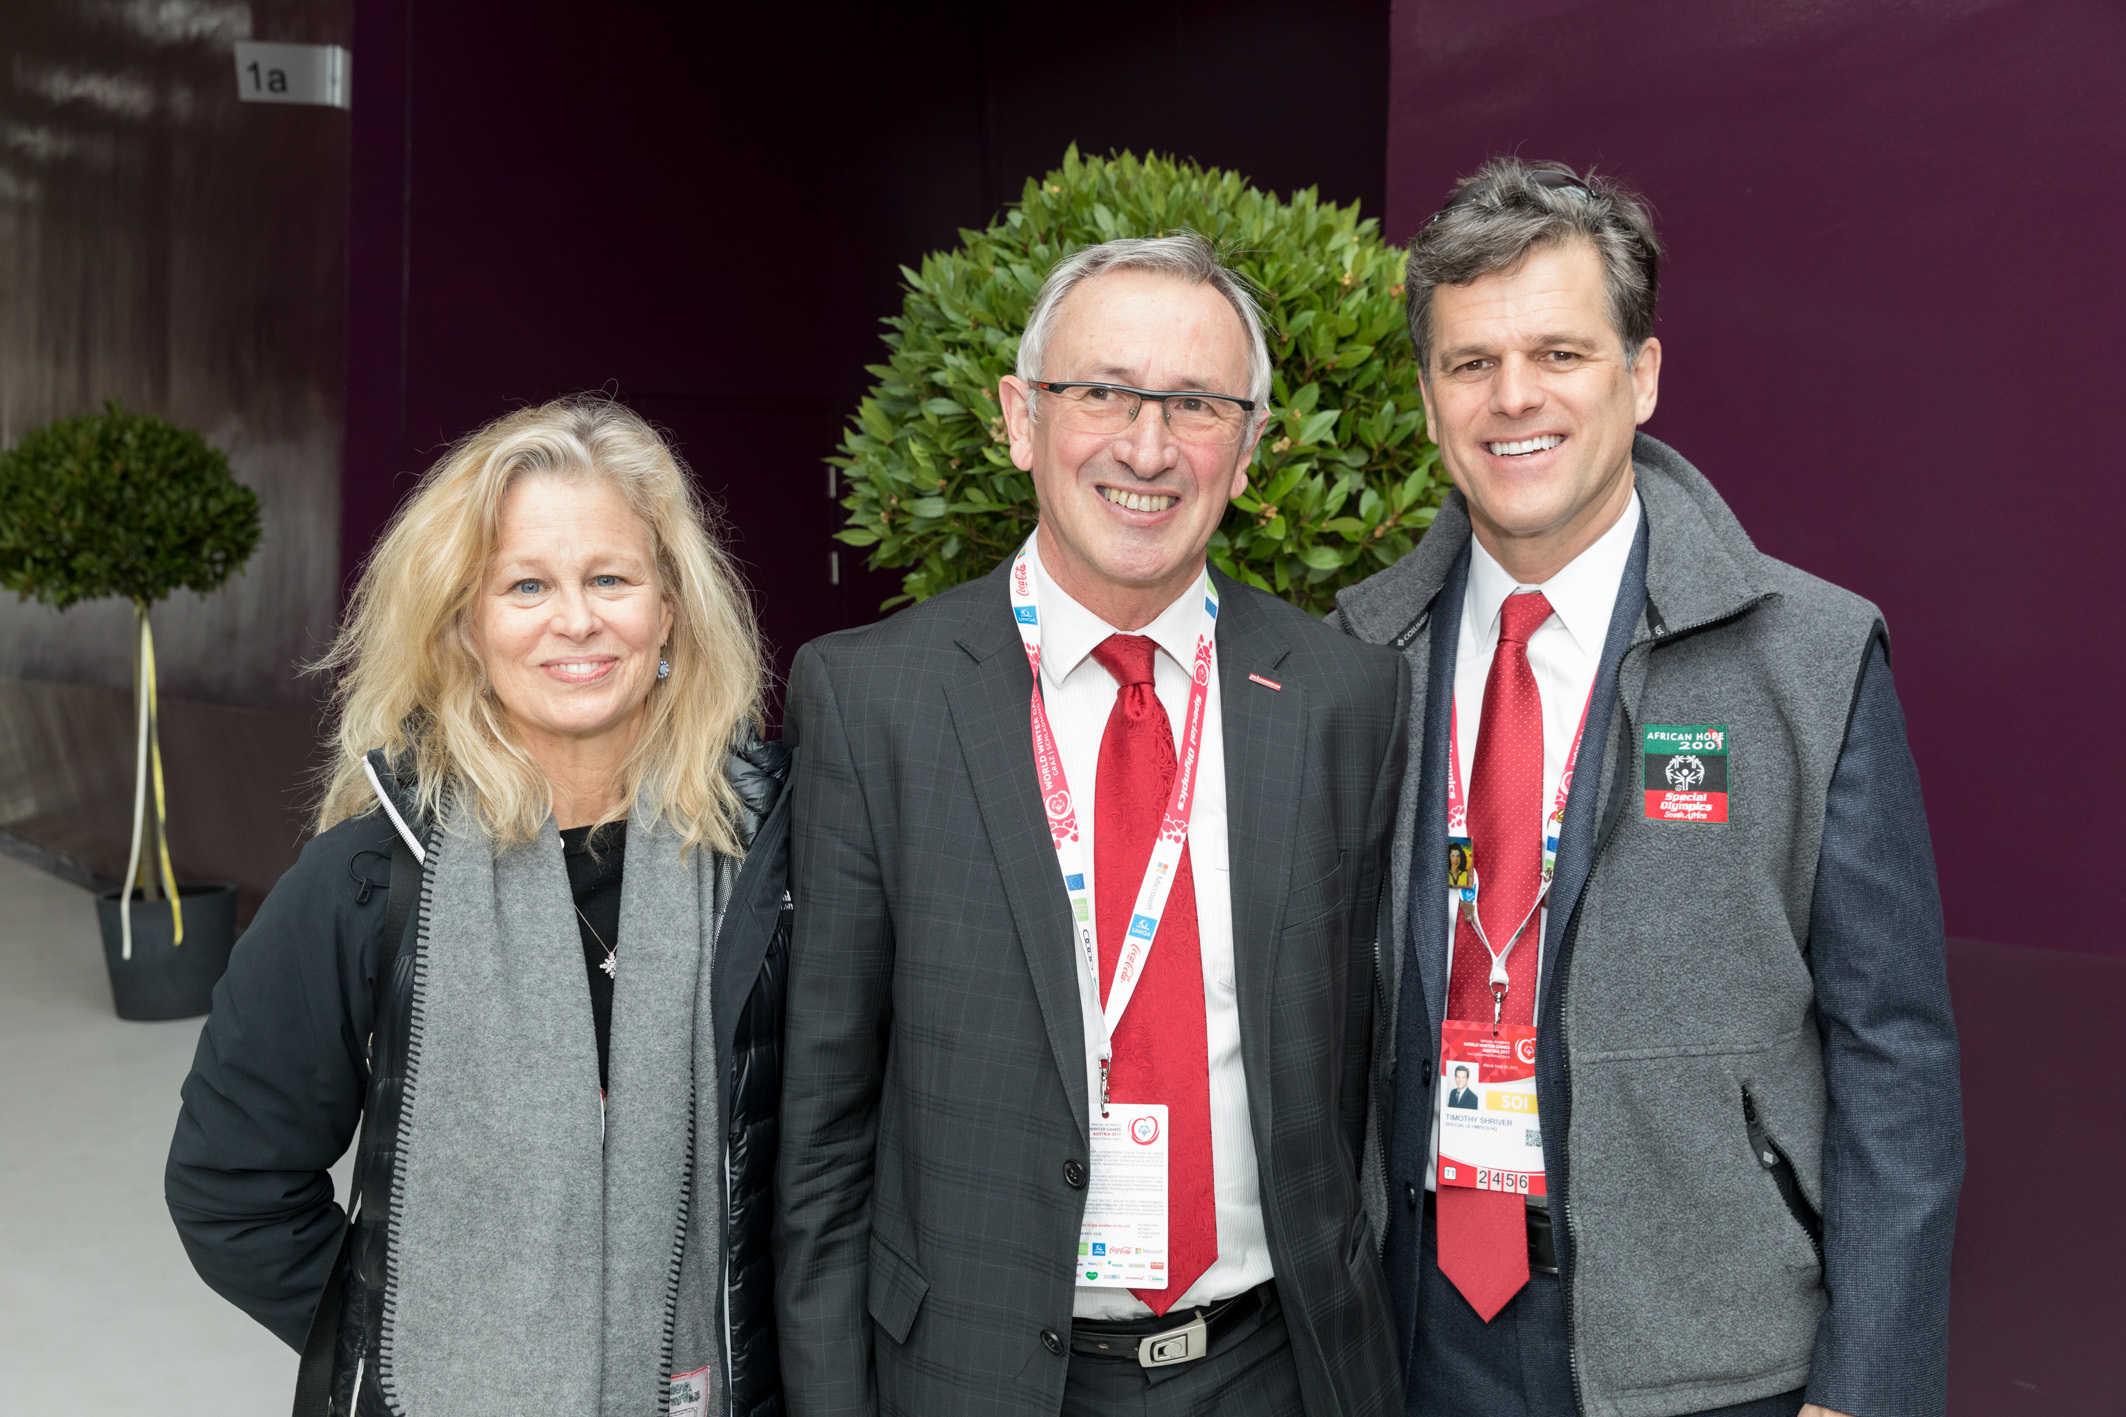 Rektor Karl Peter Pfeiffer (Mitte) mit Timothy Shriver, Präsident der Special Olympics, und seiner Frau Linda Potter bei der Eröffnungsfeier der World Winter Games in der Steiermark. (© Harry Schiffer)